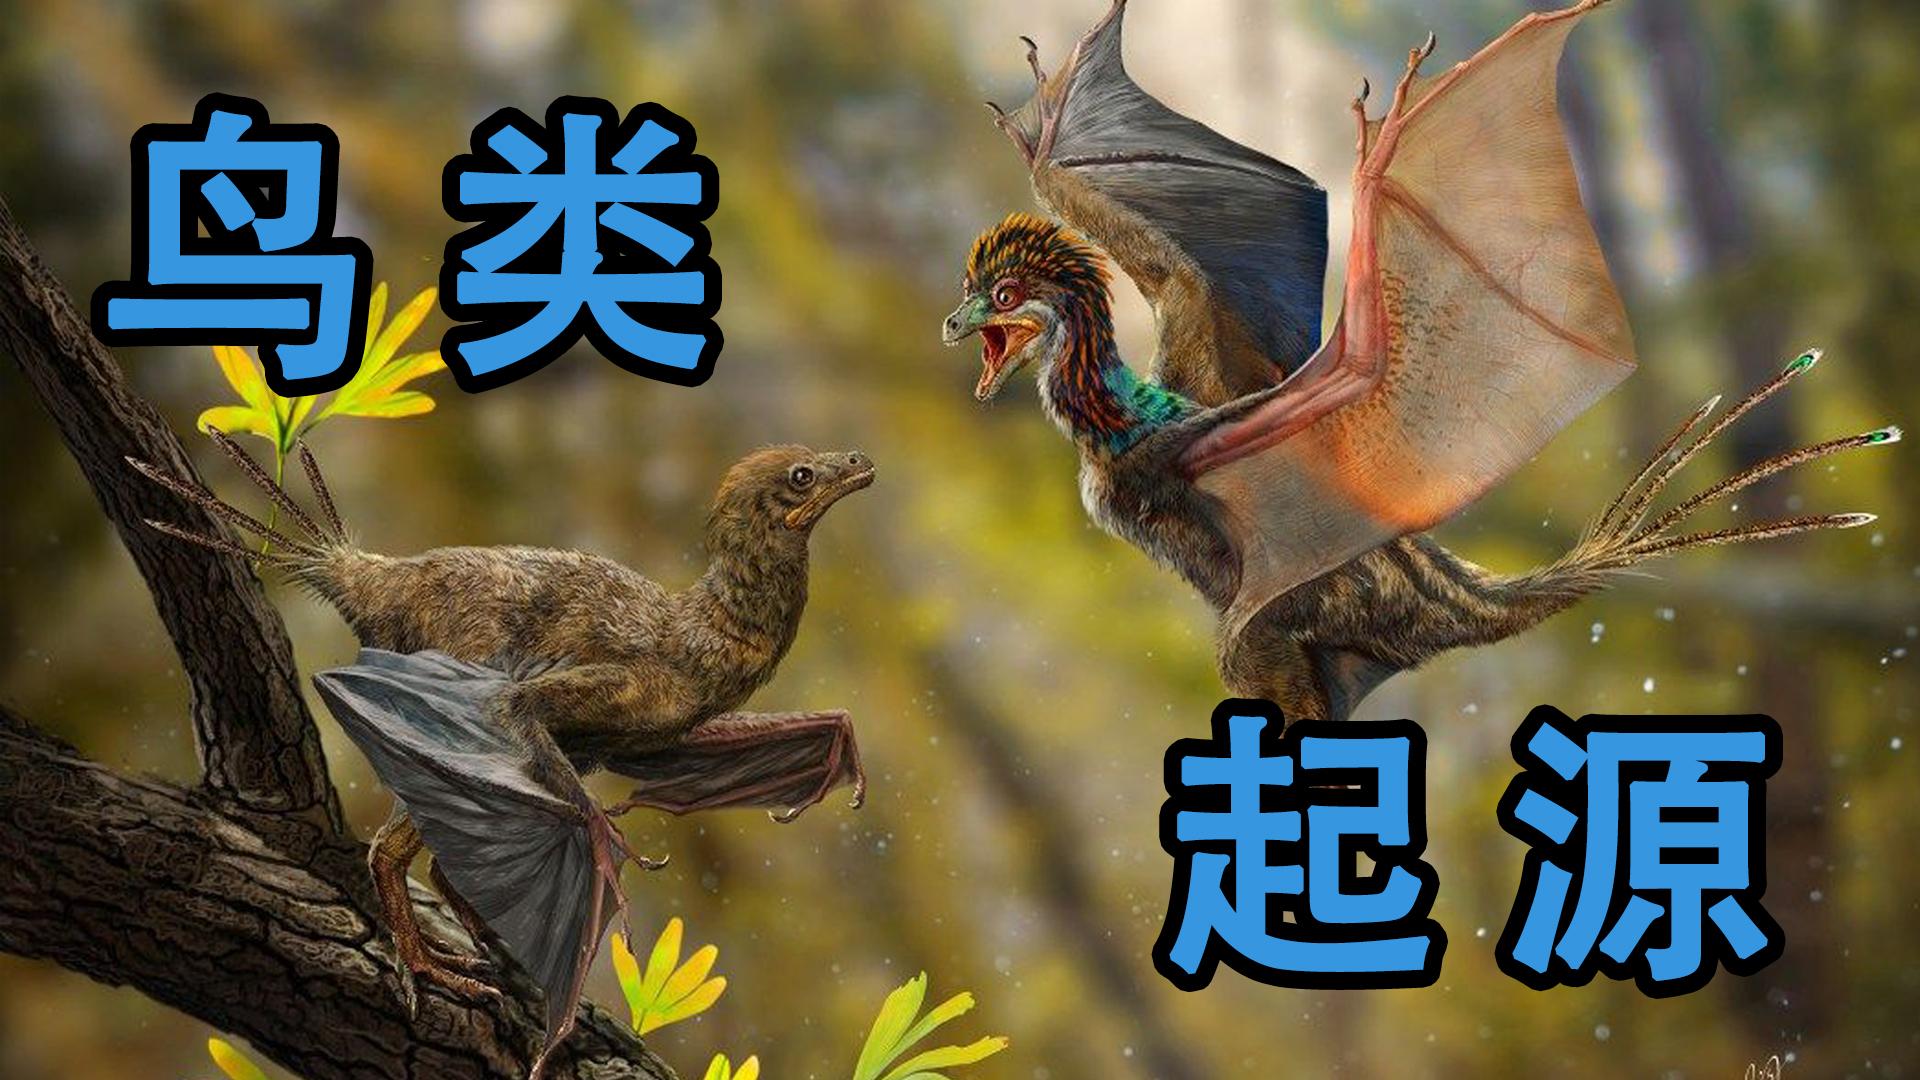 【鸟类起源】始祖鸟是最早的鸟吗?它和霸王龙有什么关系?为什么说鸟类起源于恐龙?【夏日蕉易战】